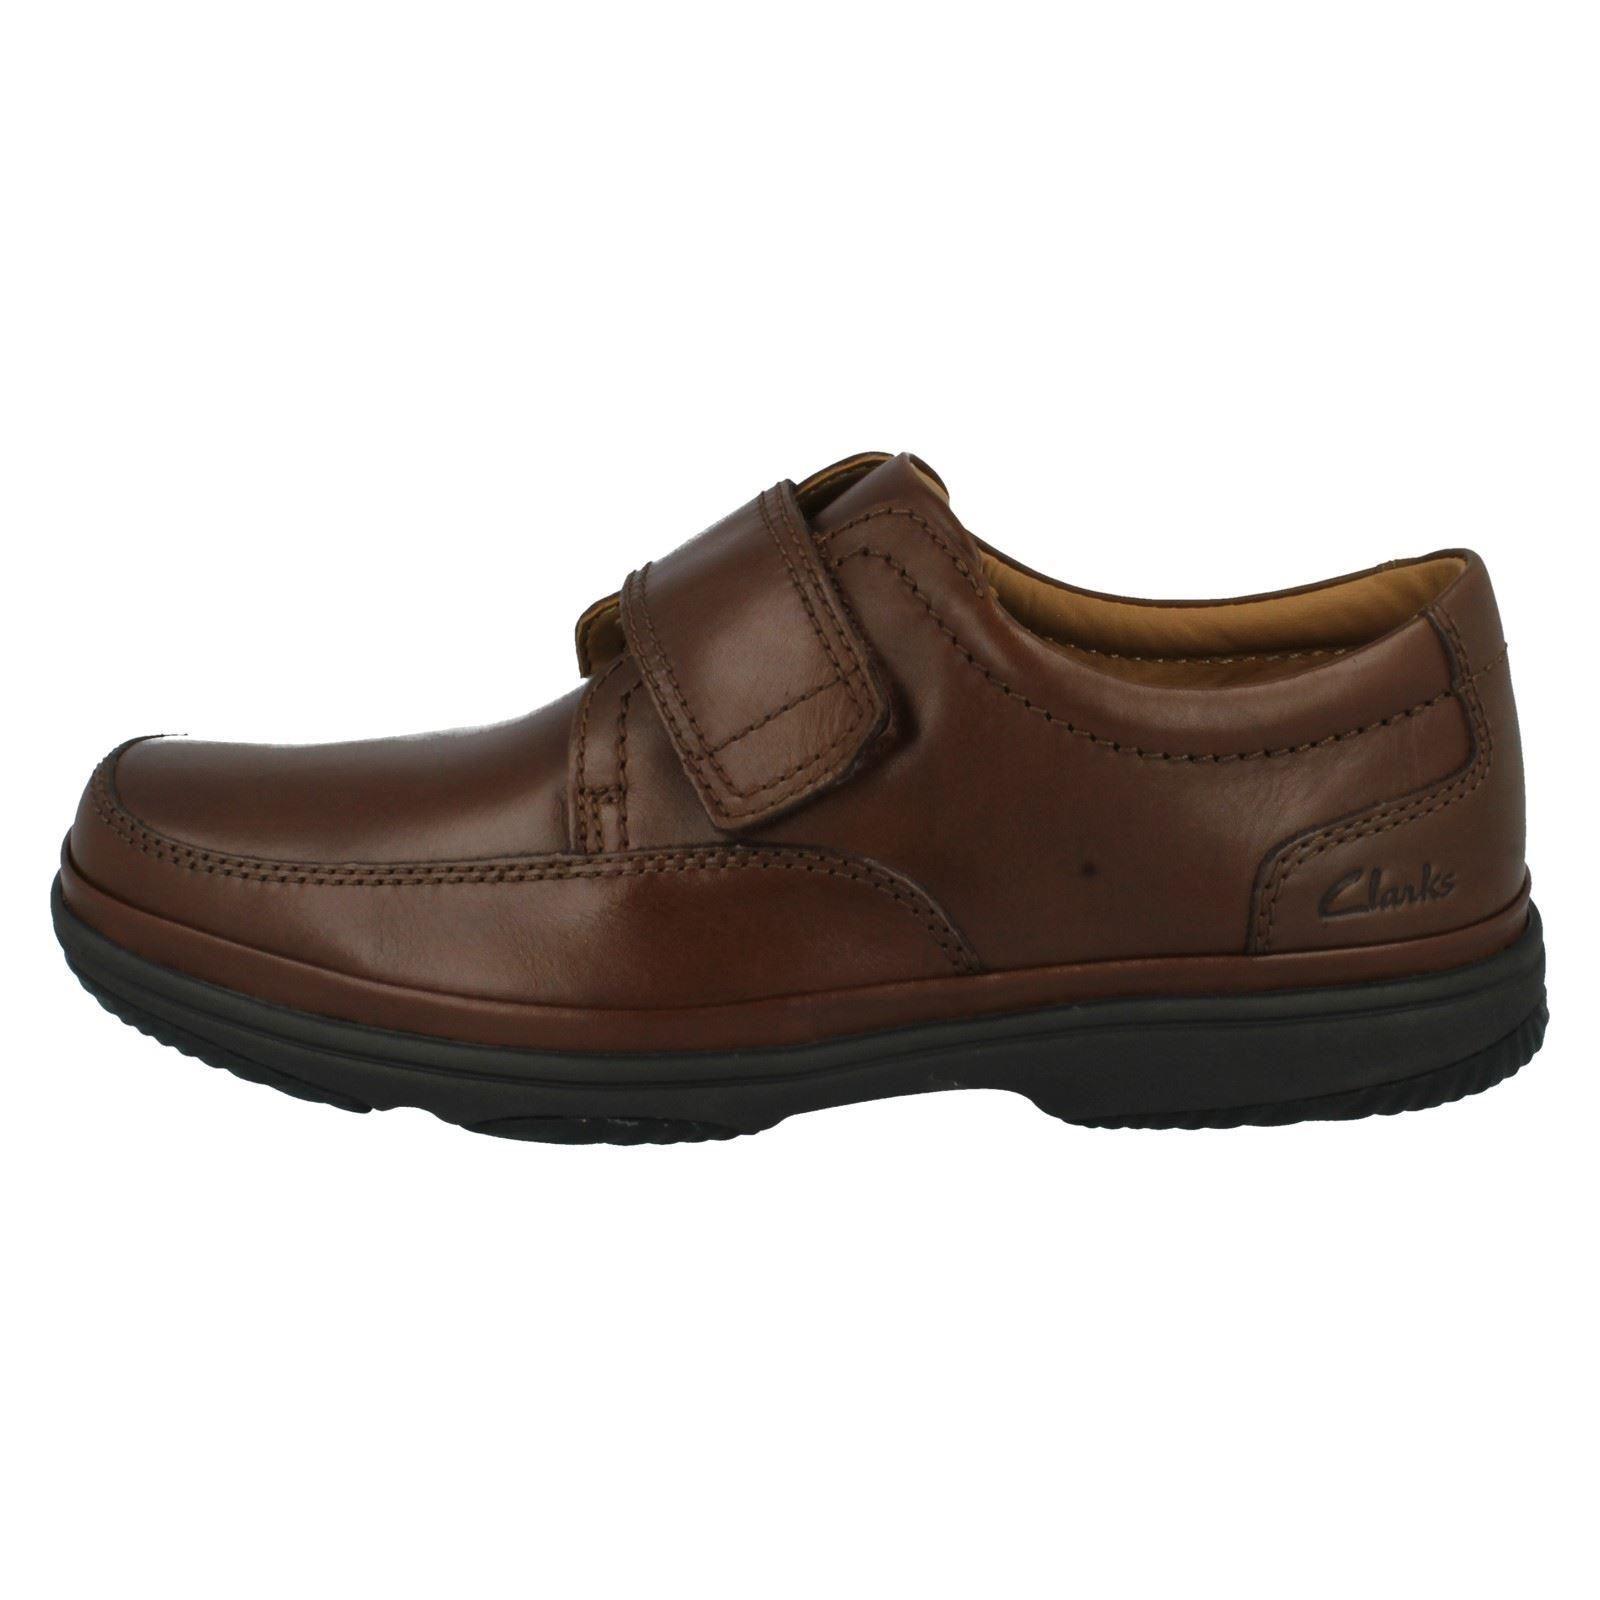 Clarks Hombre Zapatos de piel piel piel marrón ' Turn Swift ' 40ba95